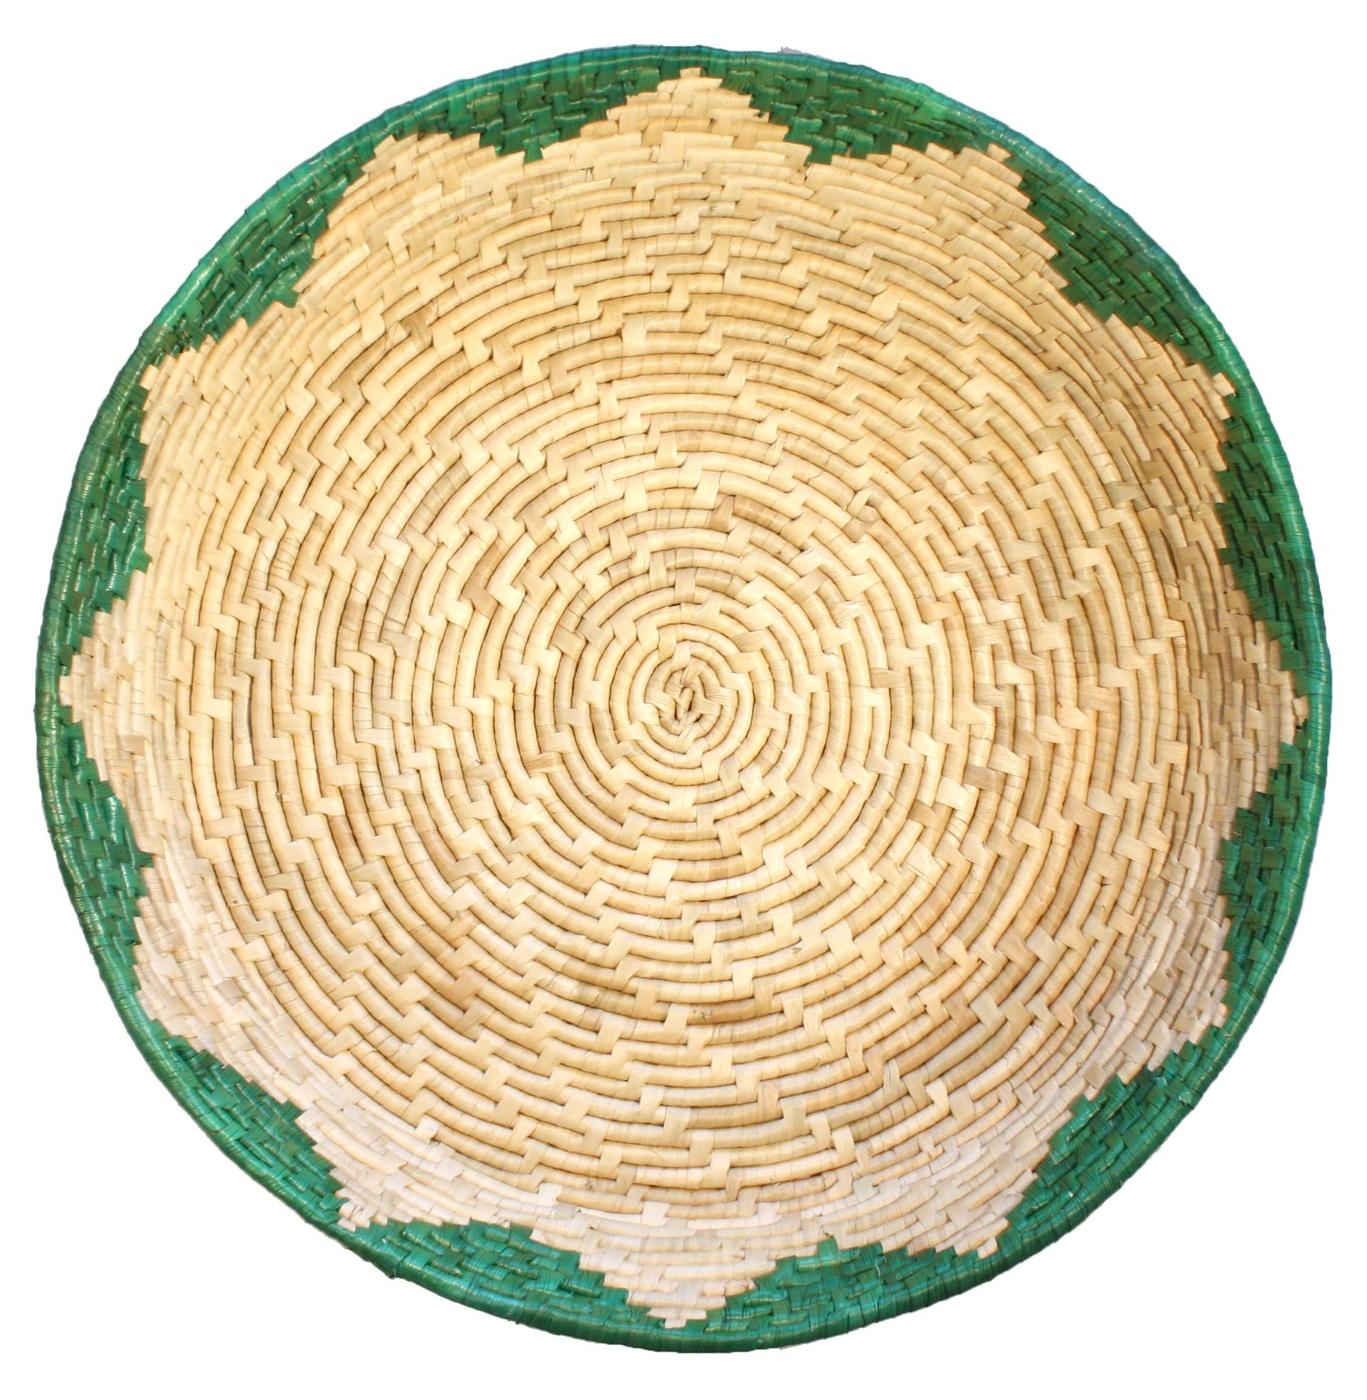 Fruktkorg stor grön stjärna (kopia)